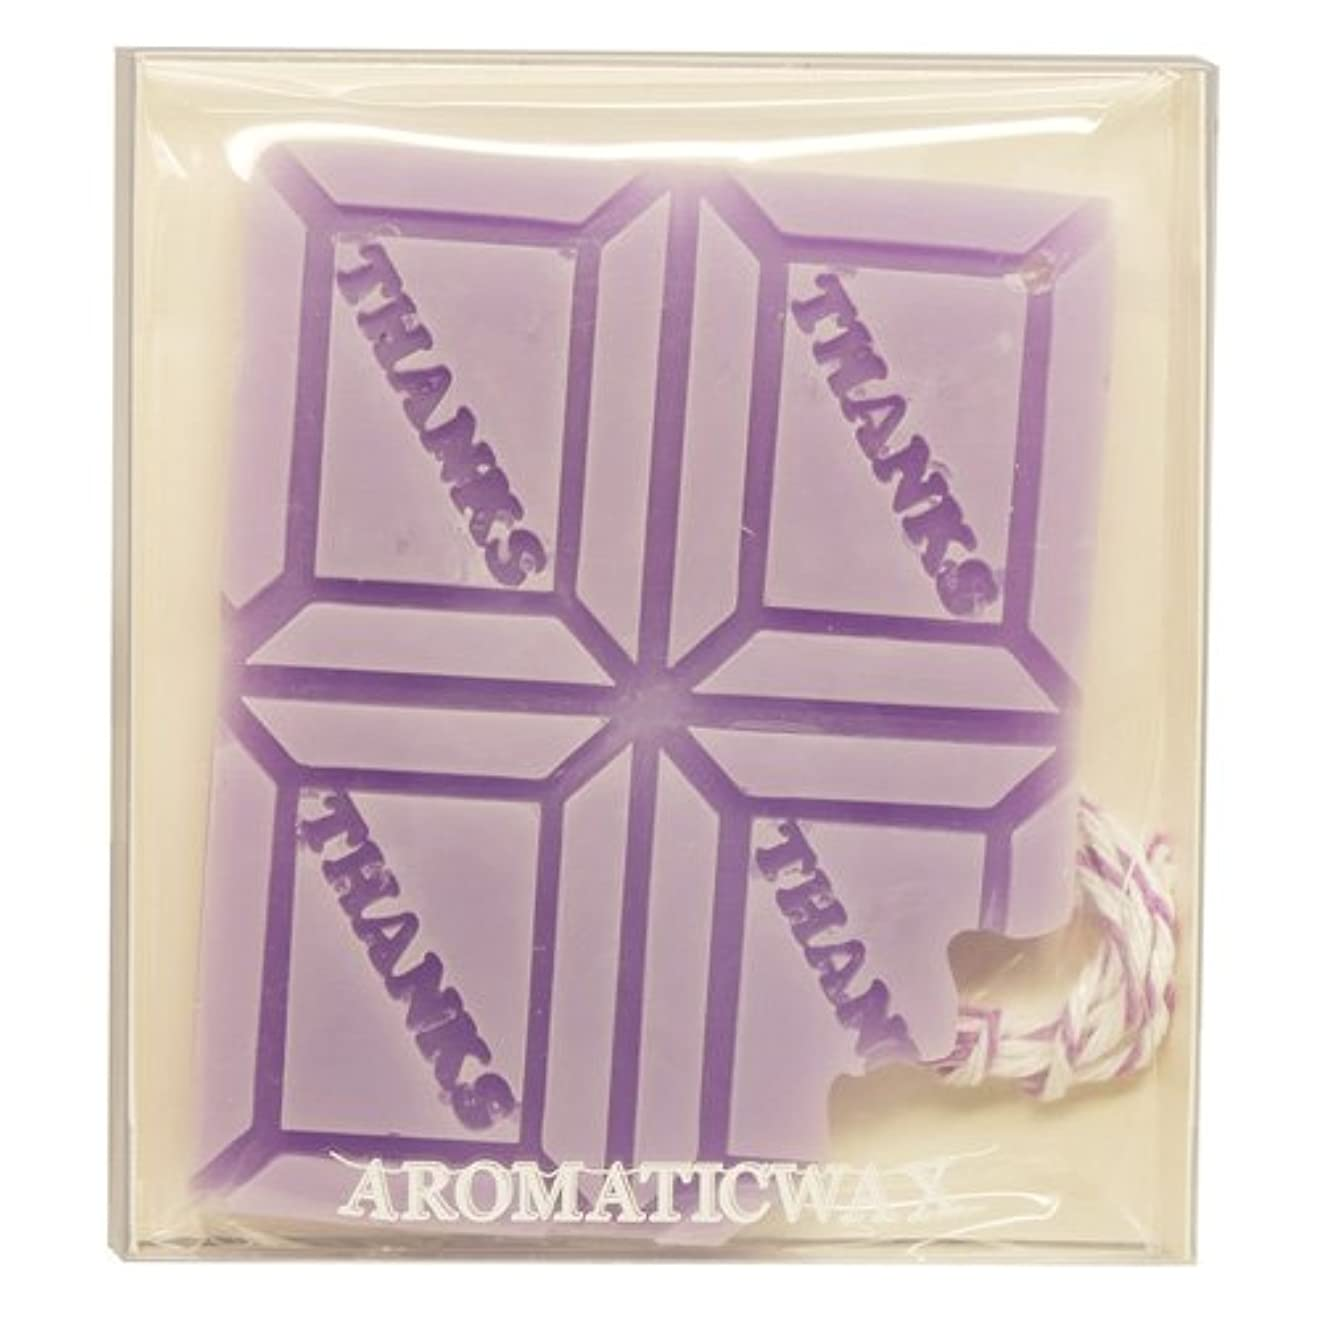 責め必要性不明瞭GRASSE TOKYO AROMATICWAXチャーム「板チョコ(THANKS)」(PU) ラベンダー アロマティックワックス グラーストウキョウ